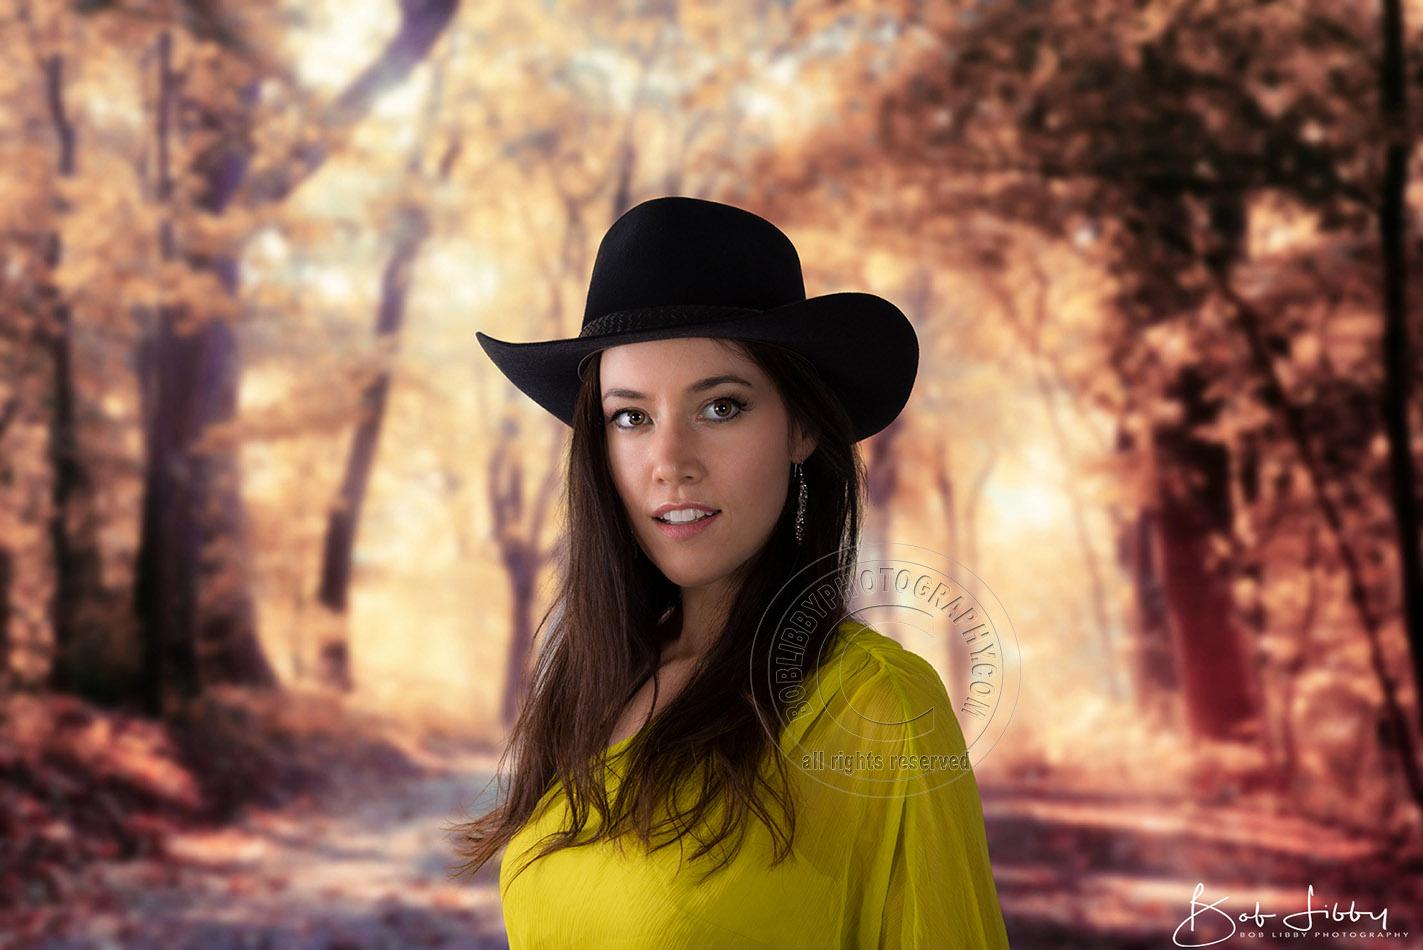 Model Carley Walsh